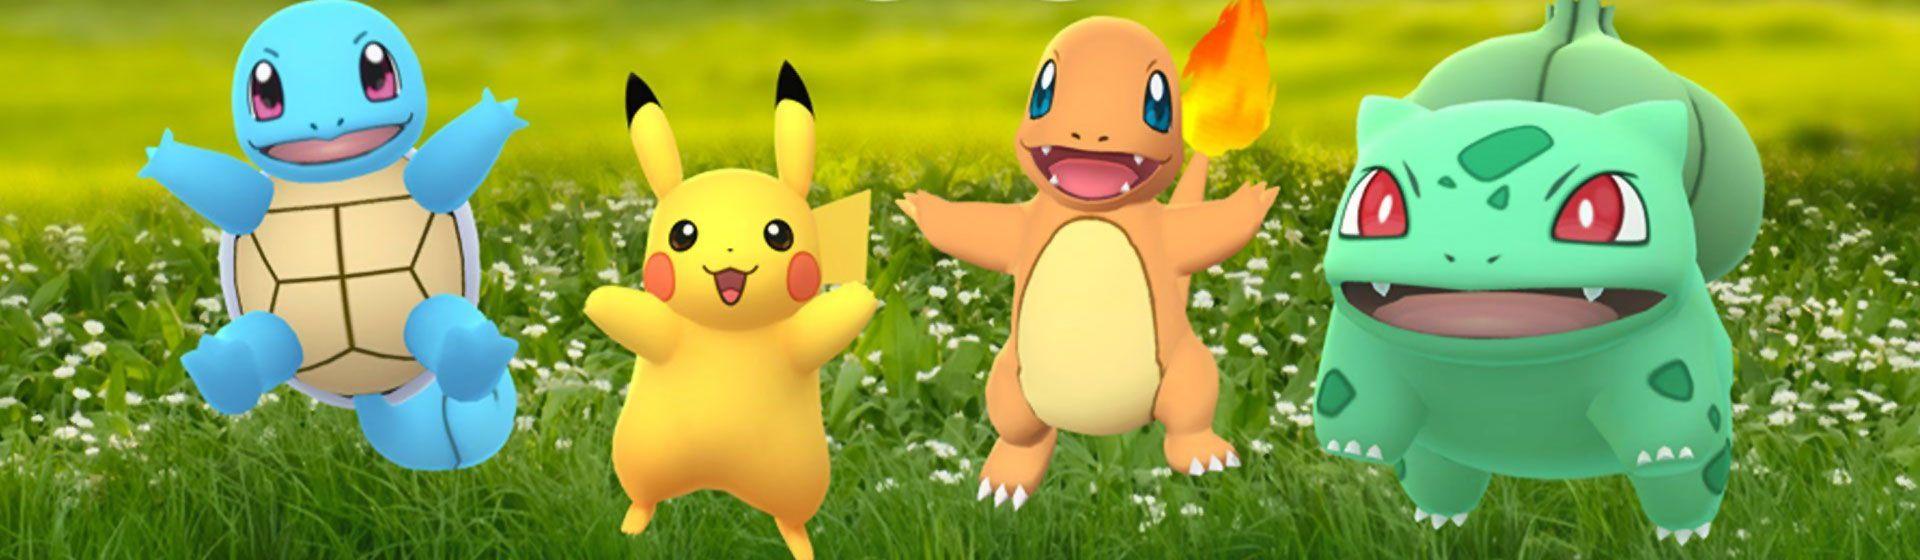 Pokémon GO recebe monstrinhos de Kalos, sexta geração da franquia